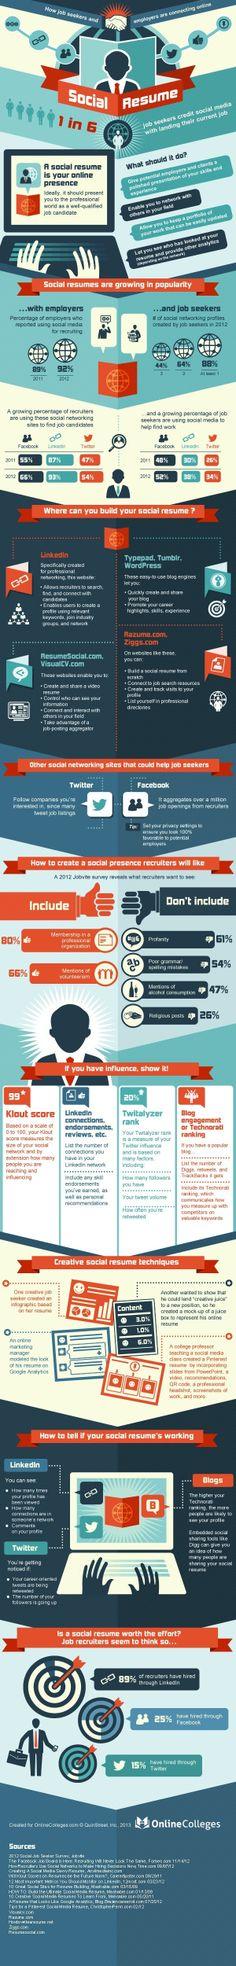 為你的工作履歷做Infographic | MyDesy 淘靈感